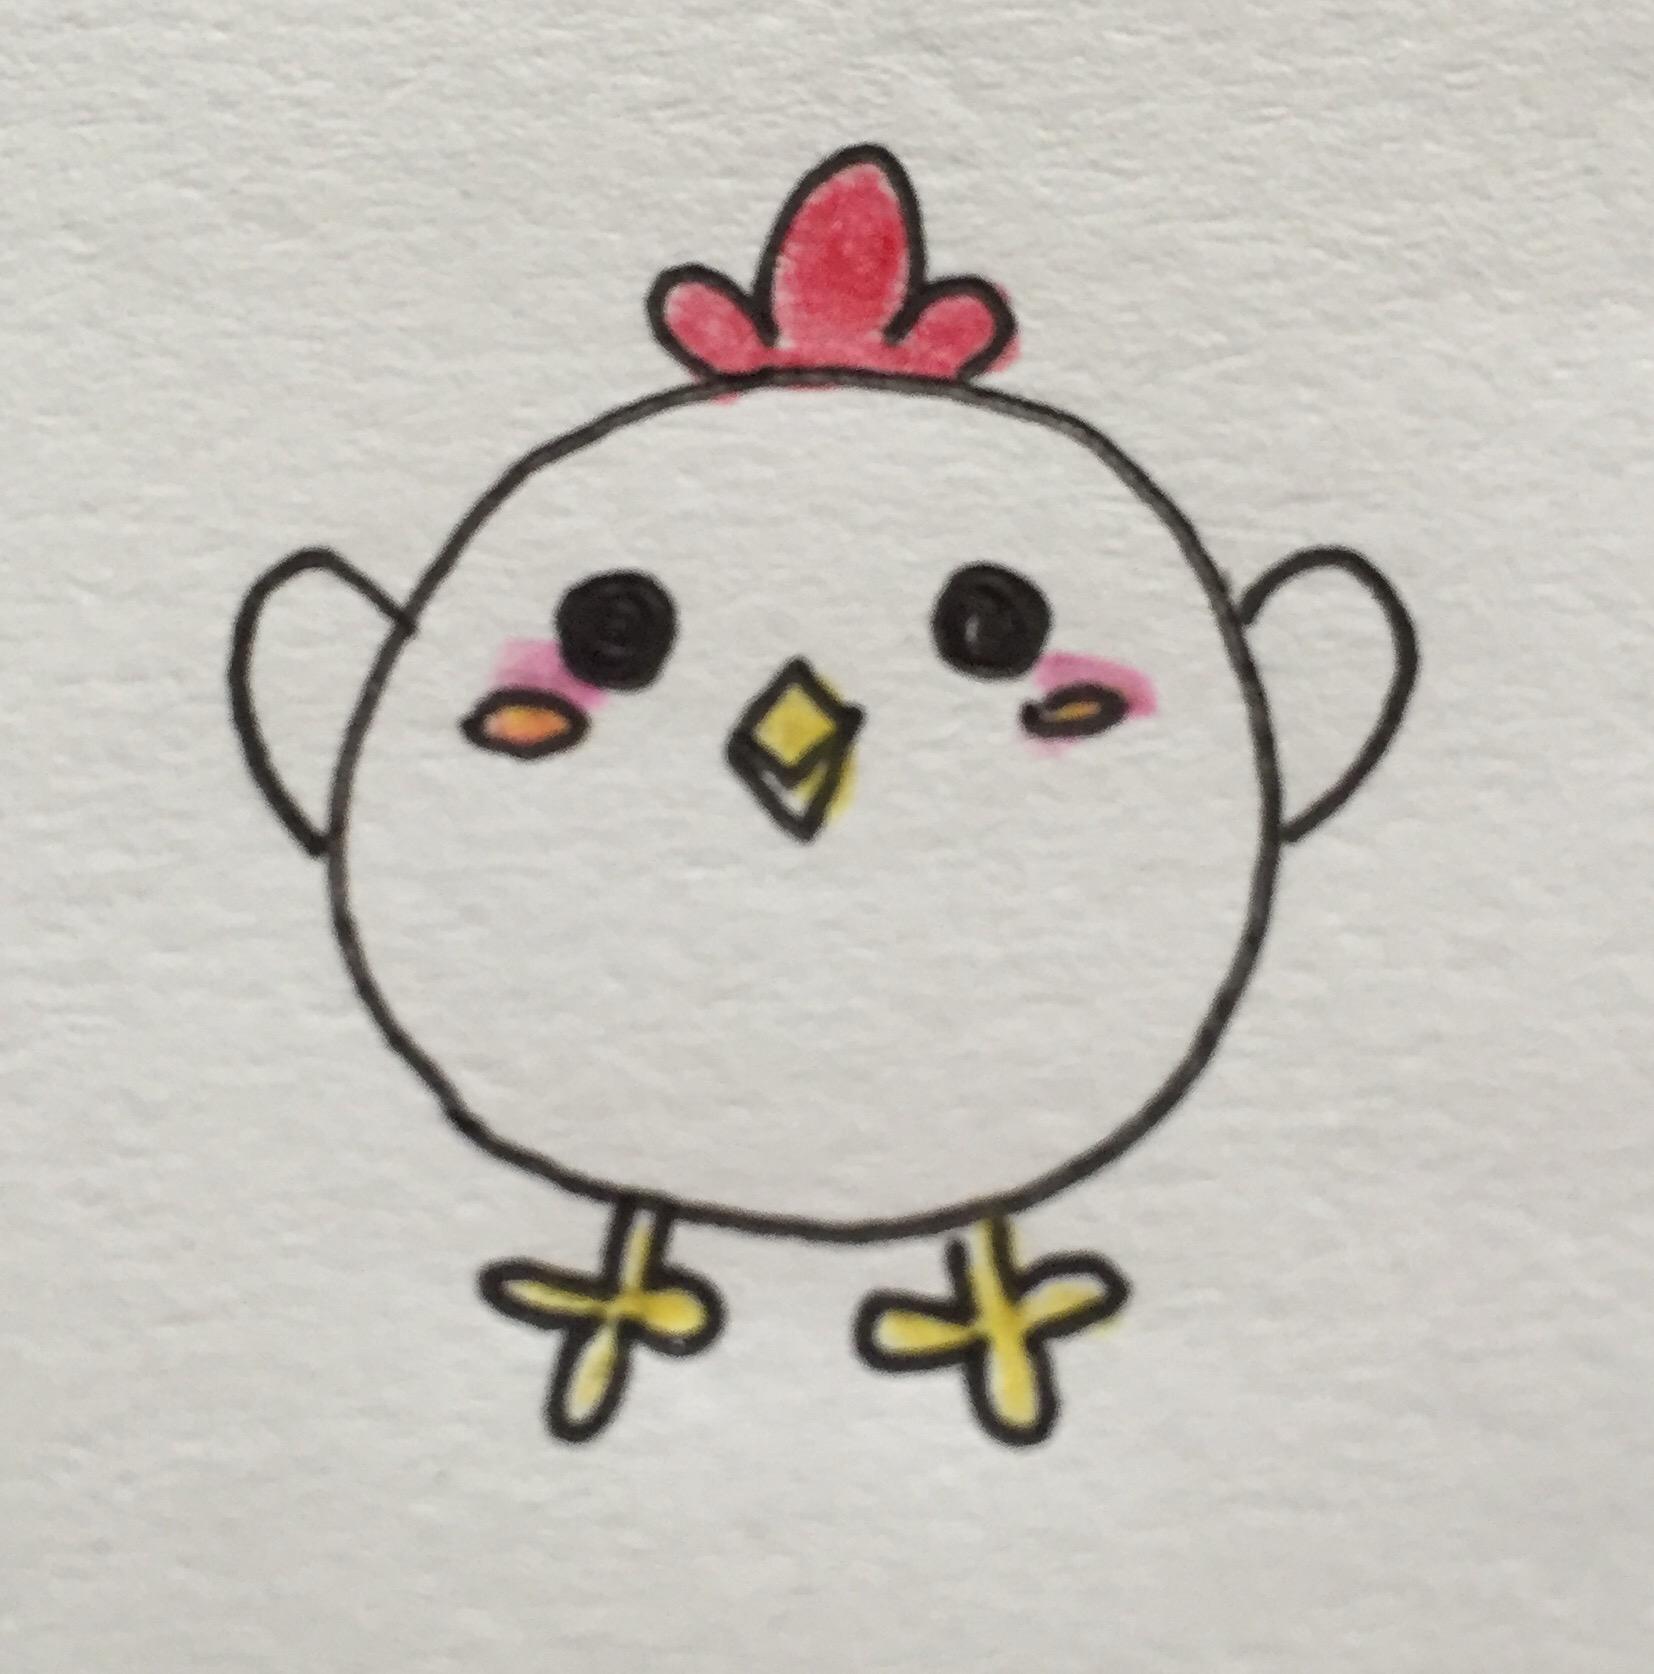 年賀状2017酉鳥の可愛いイラストの描き方を調査簡単に描く方法は